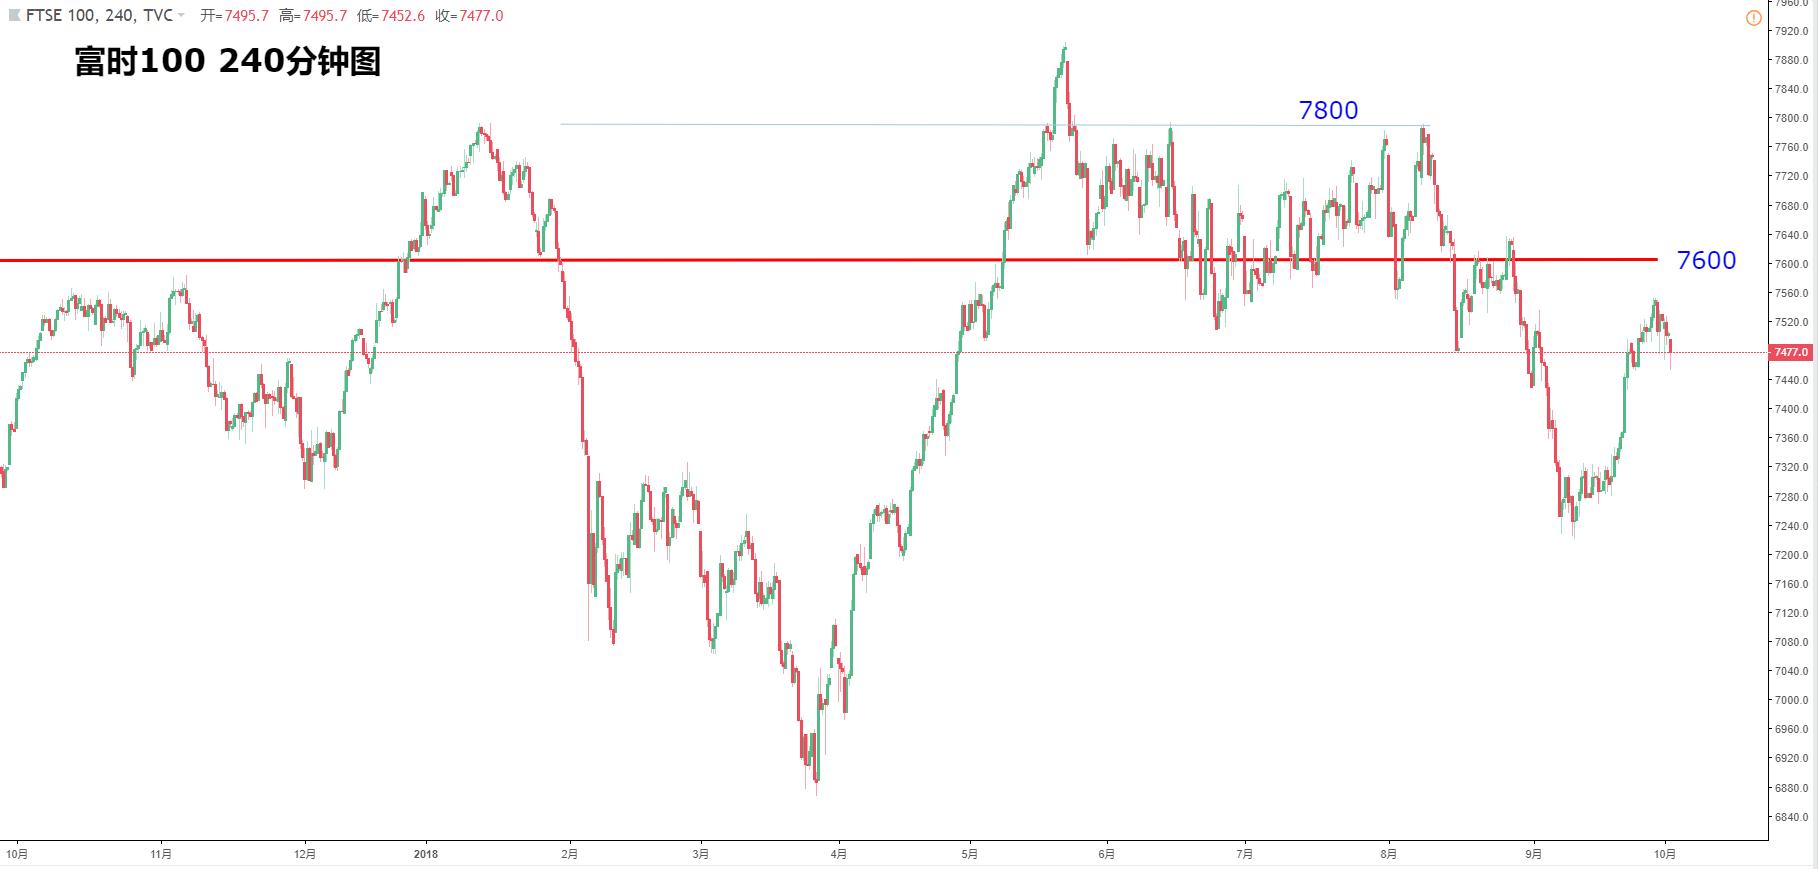 歐洲股指:斯托克50、德指DAX、富時100、法國CAC走勢分析(10月2日)